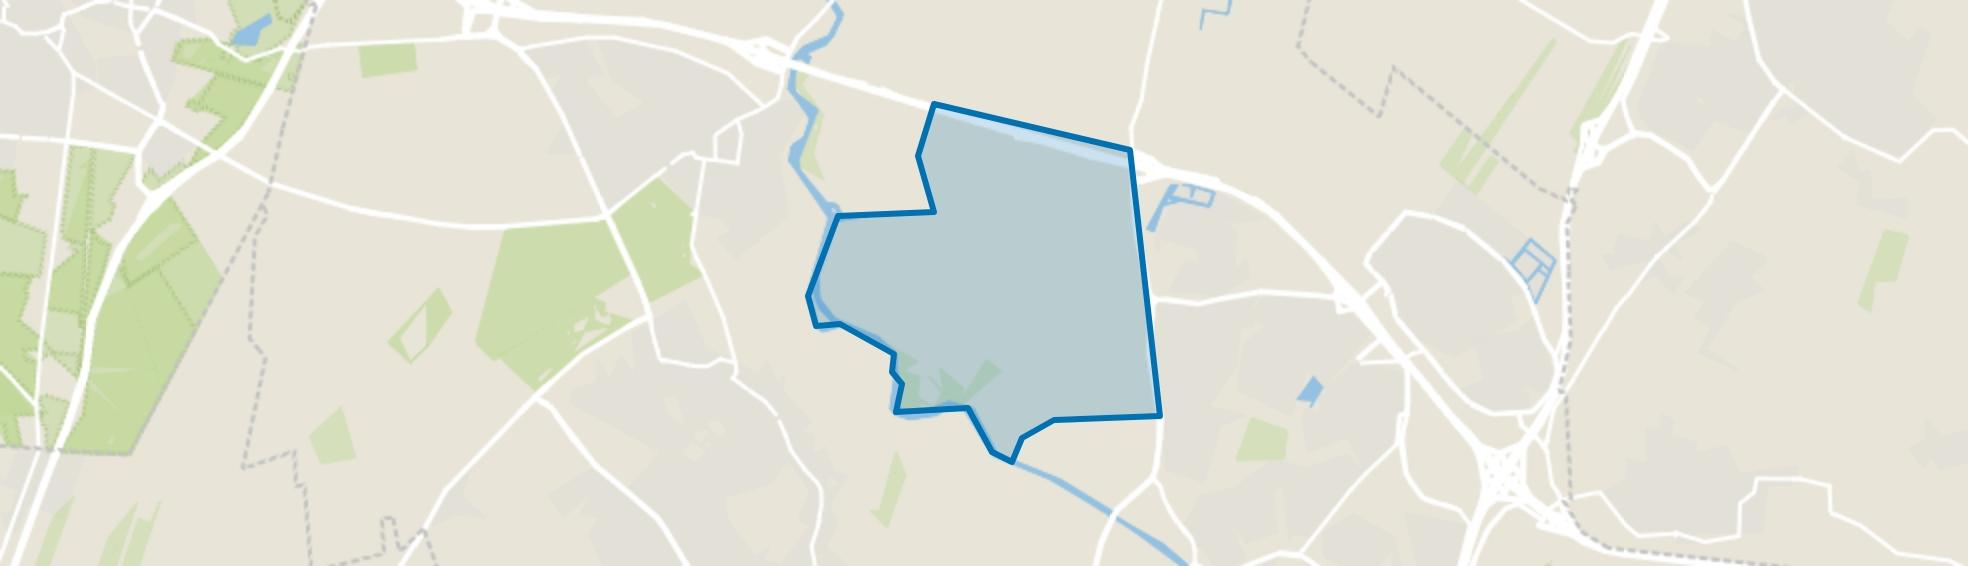 Zeldert, Hoogland map